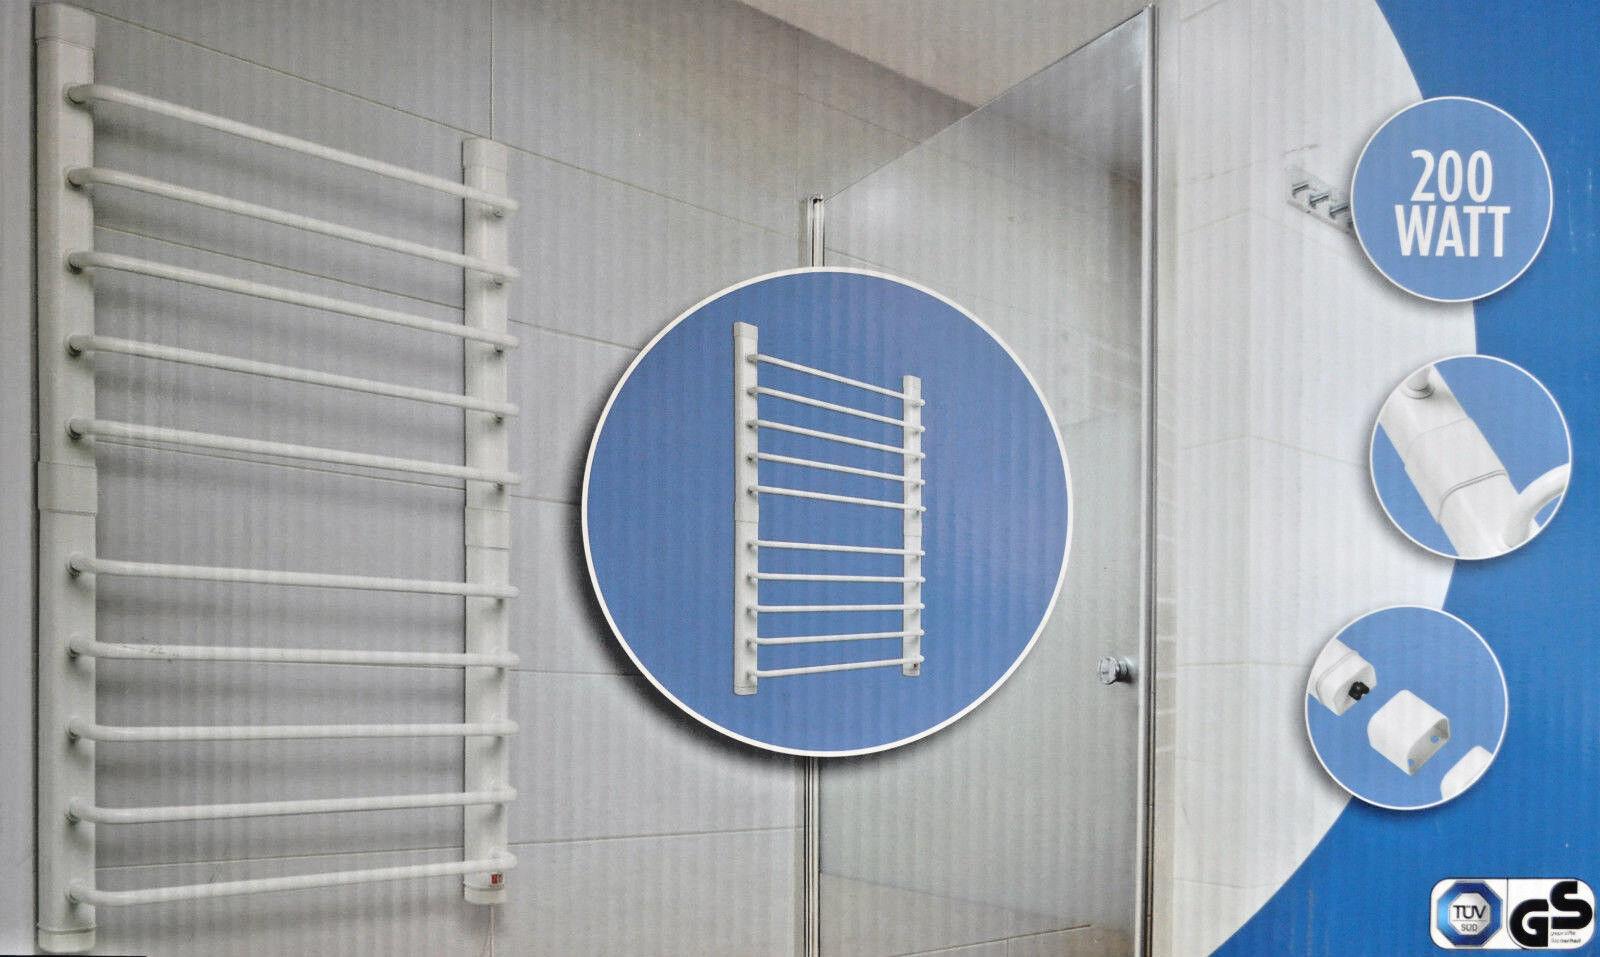 Quigg 3 in 1 Handtuchwärmer, Wäschewärmer & Handtuchhalter, Heizung, elektrisch